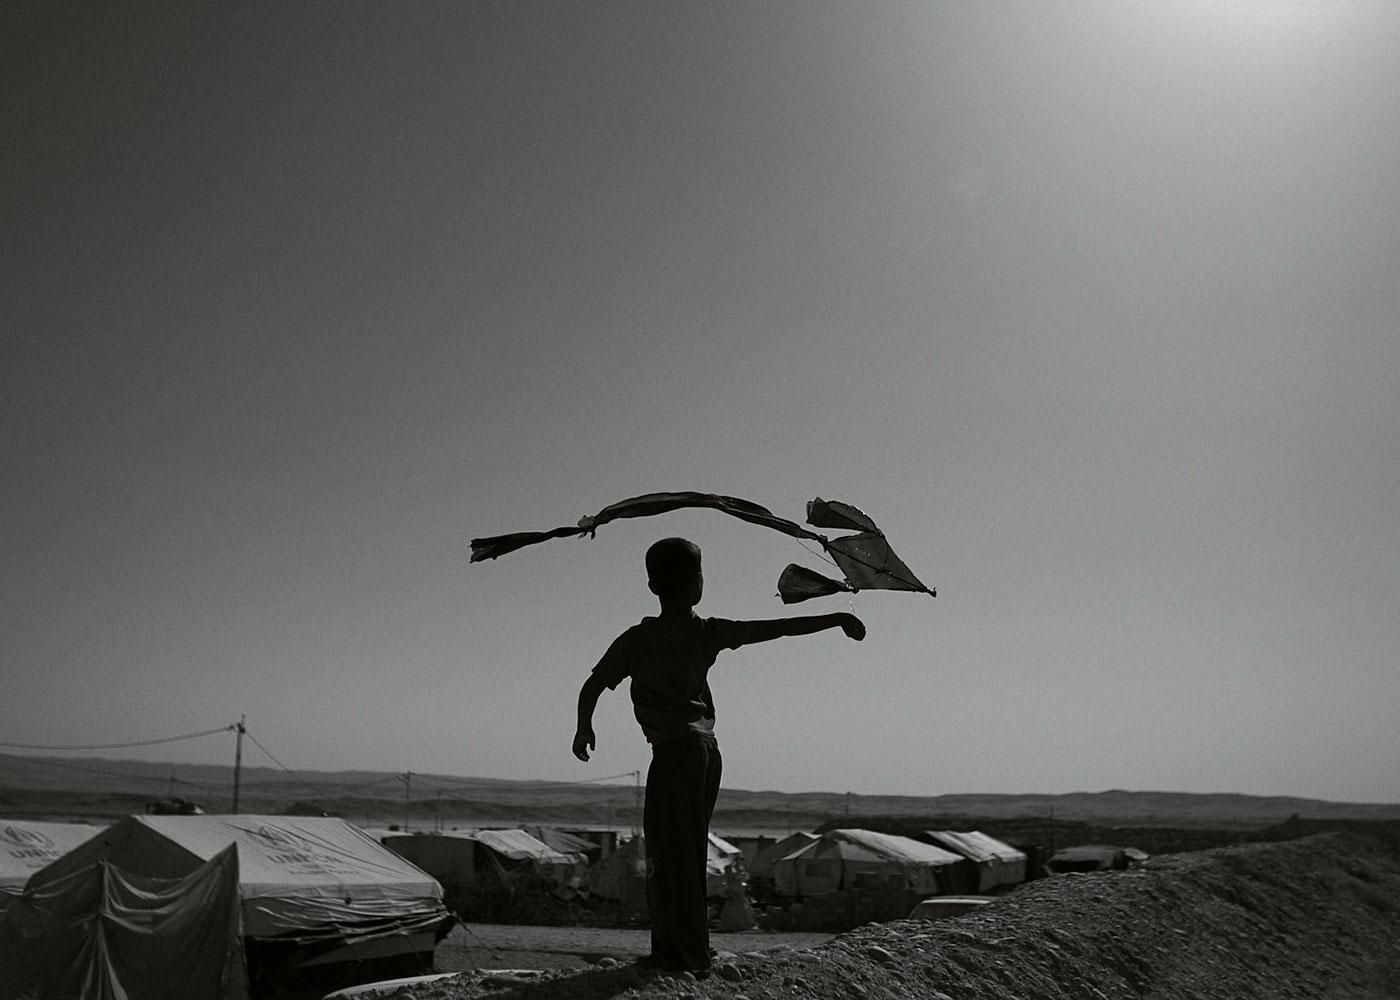 Flüchtlingslager für sunnitische Flüchtlinge, Irak © Mark Mühlhaus